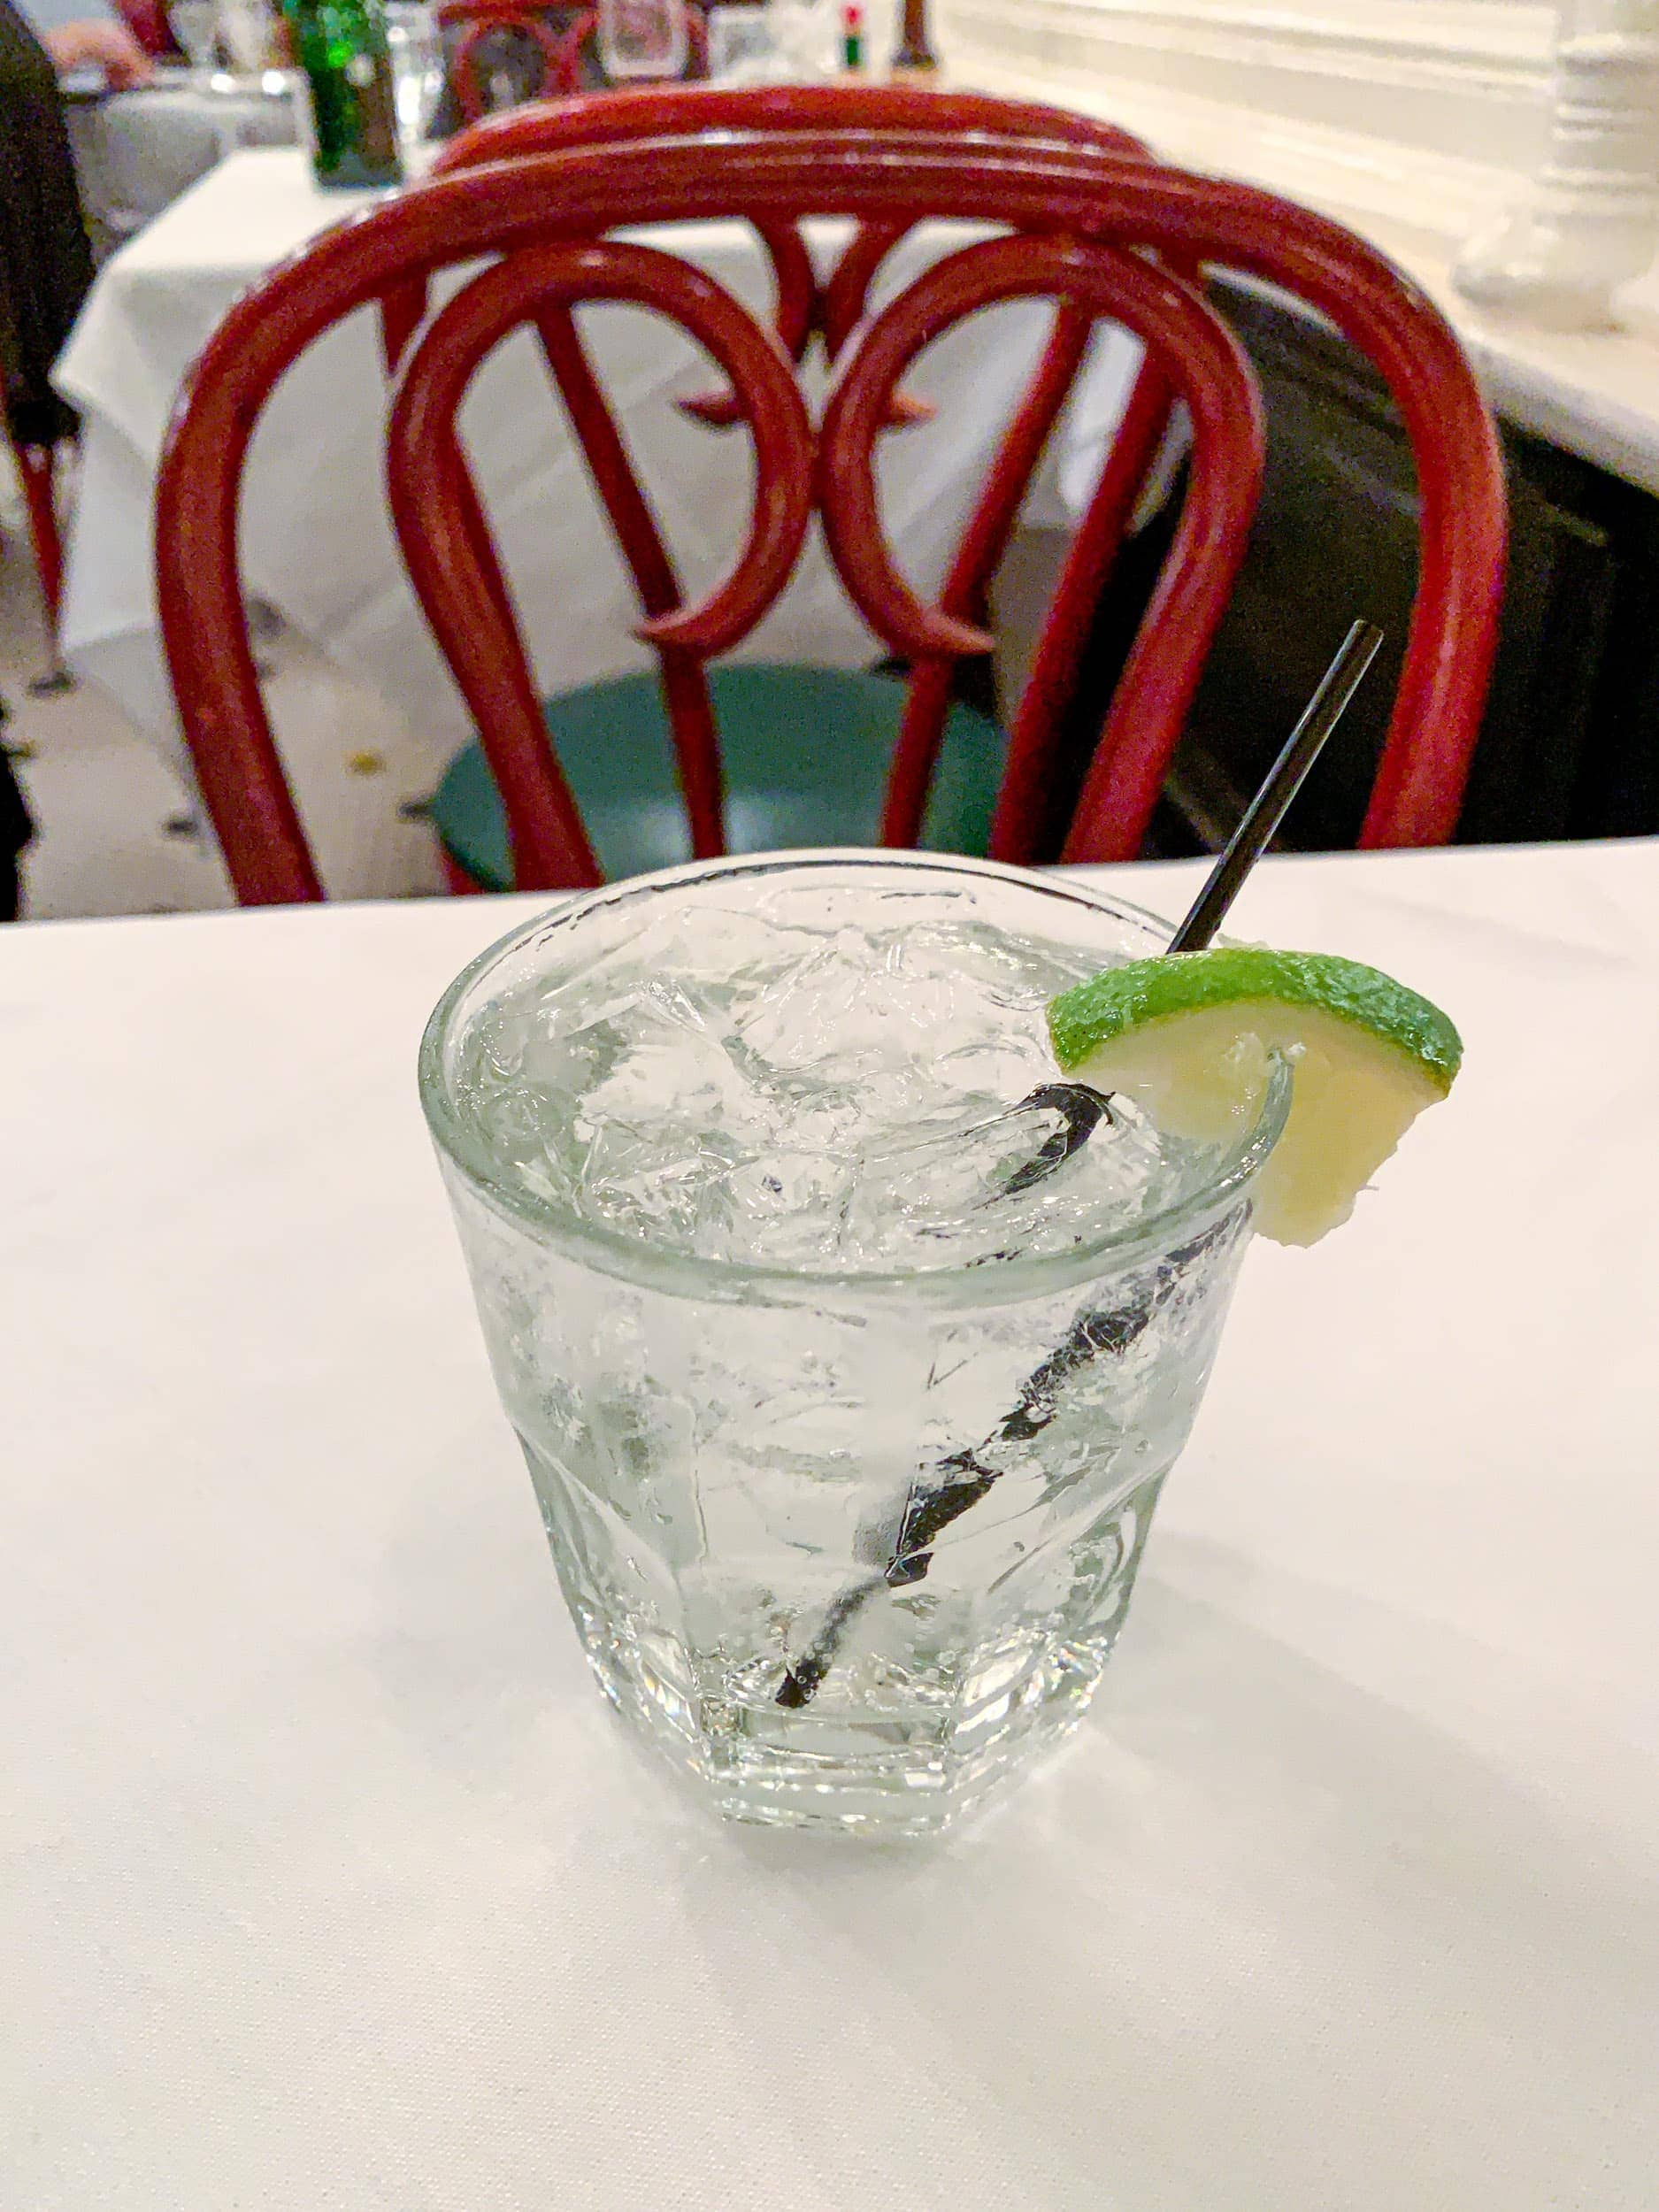 Hendrick's Orbium gin and tonic